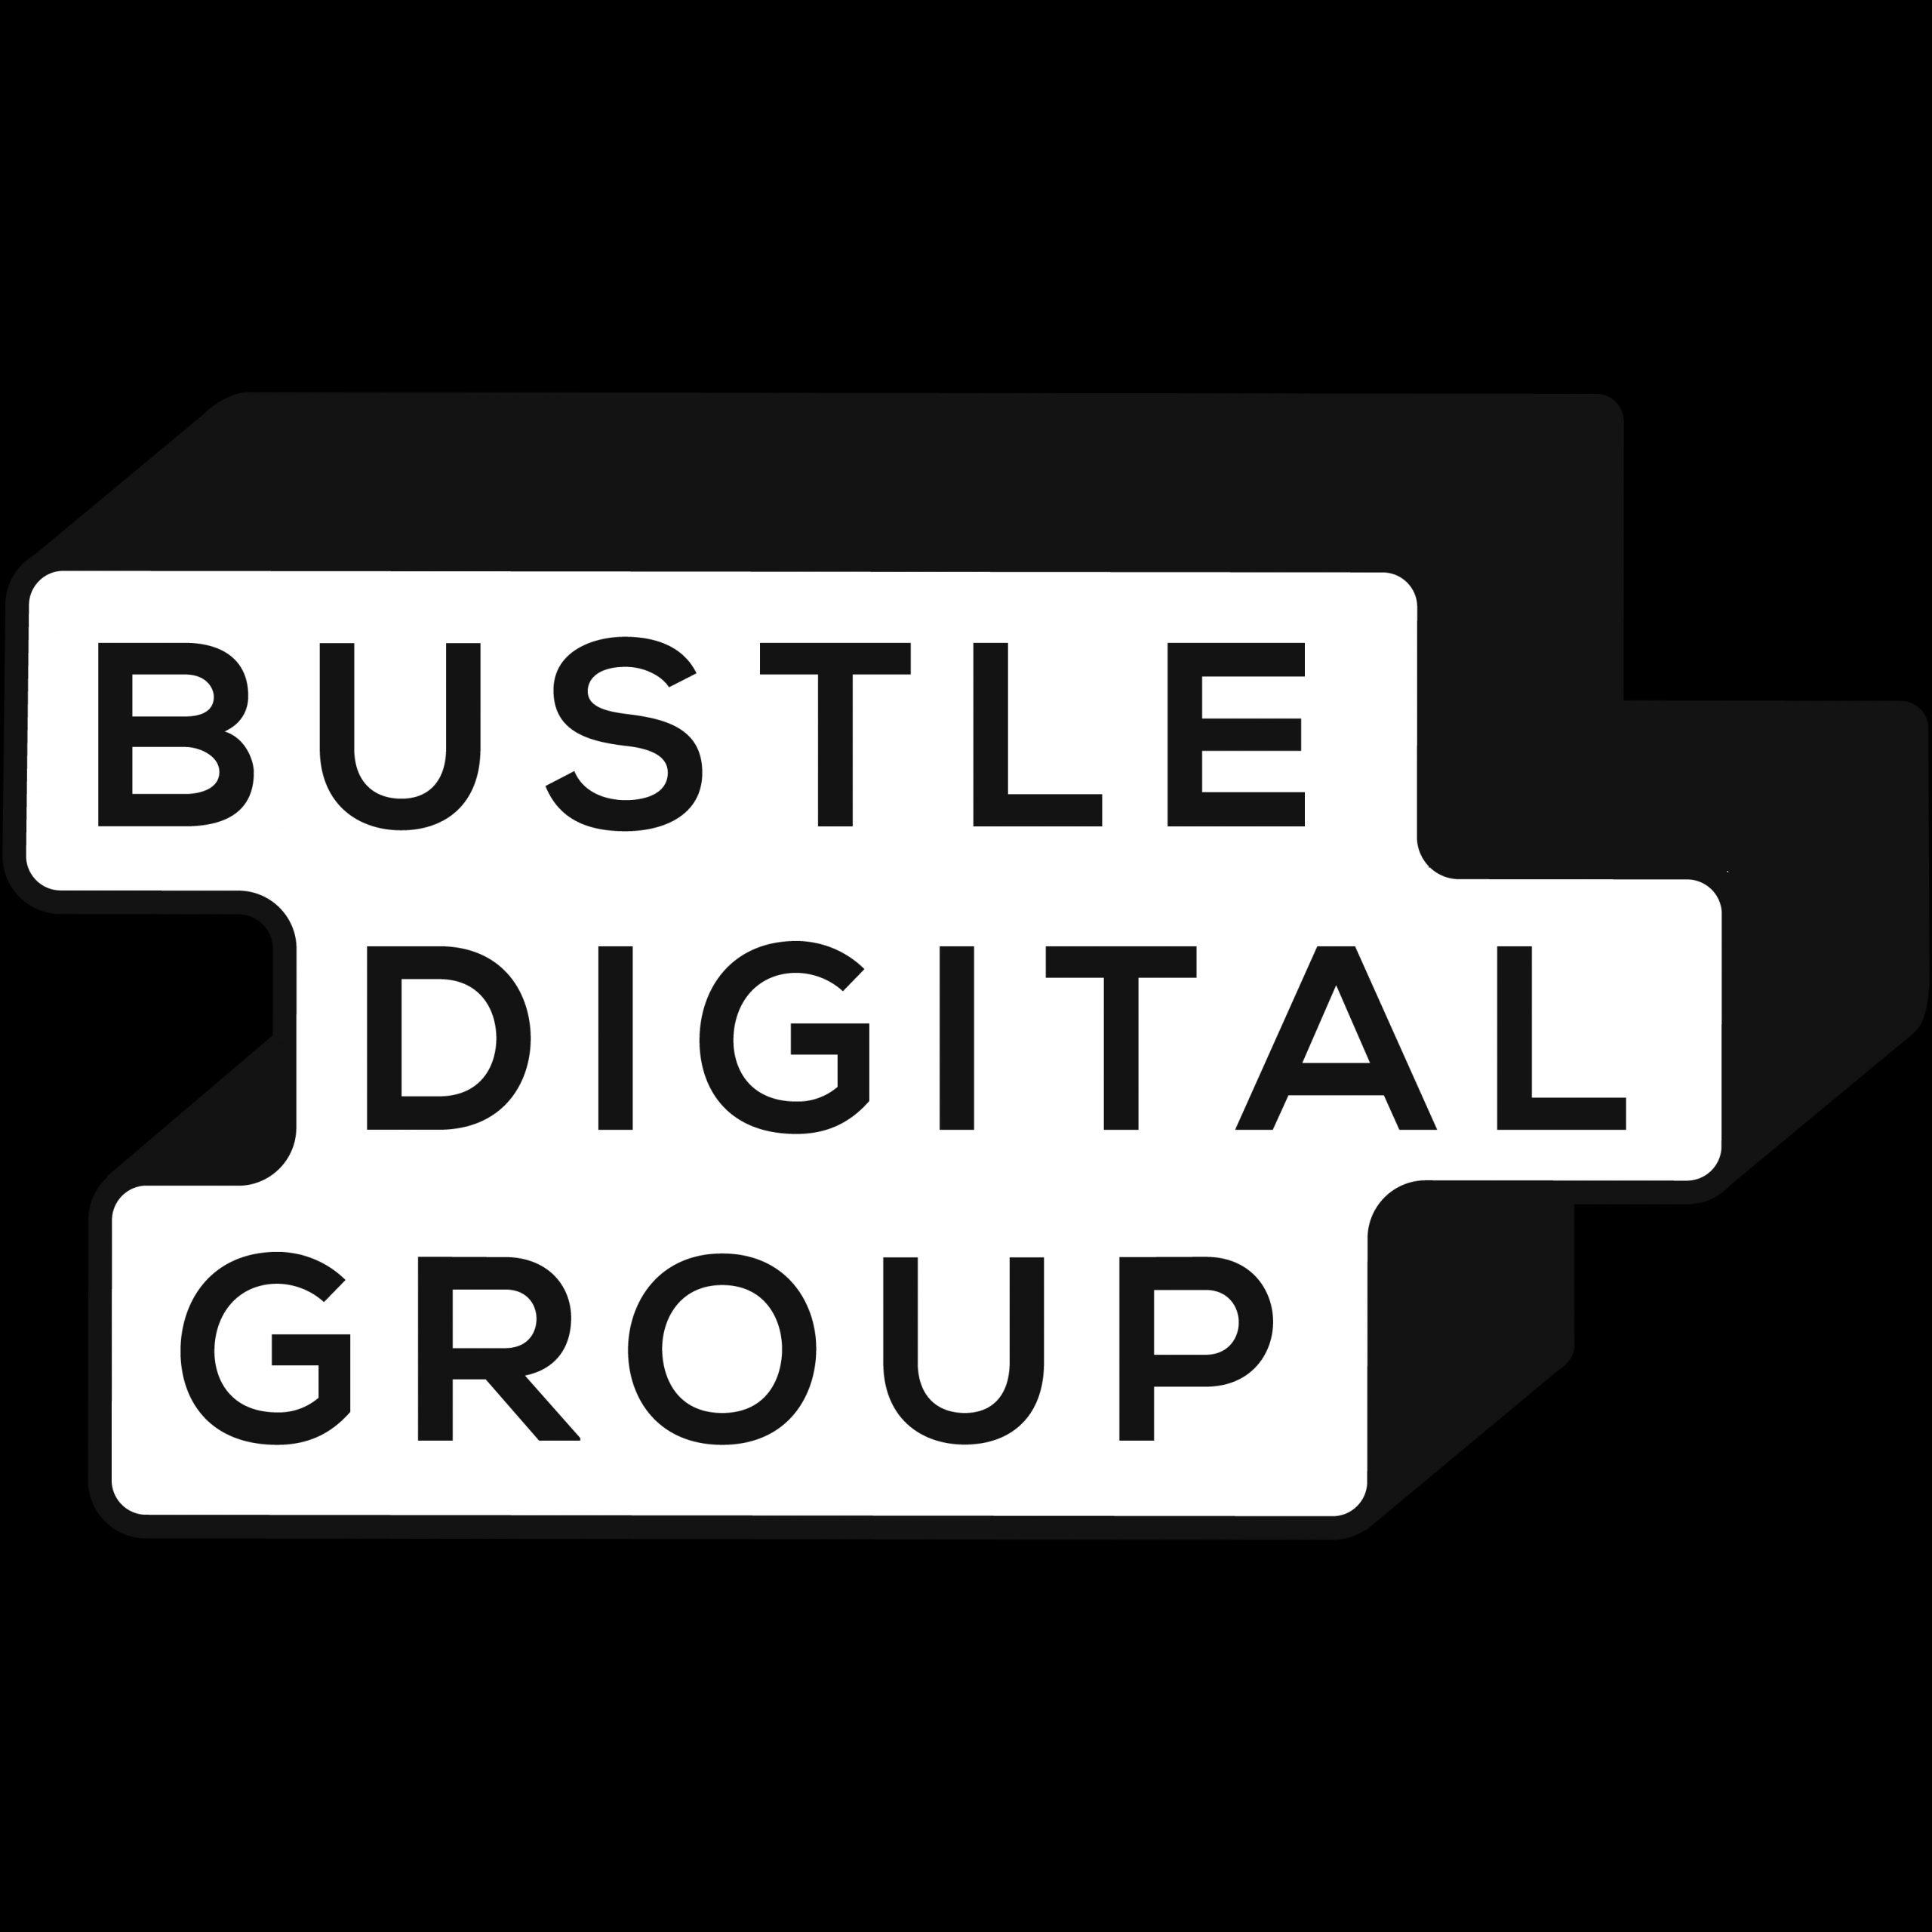 Bustle.com 12/15